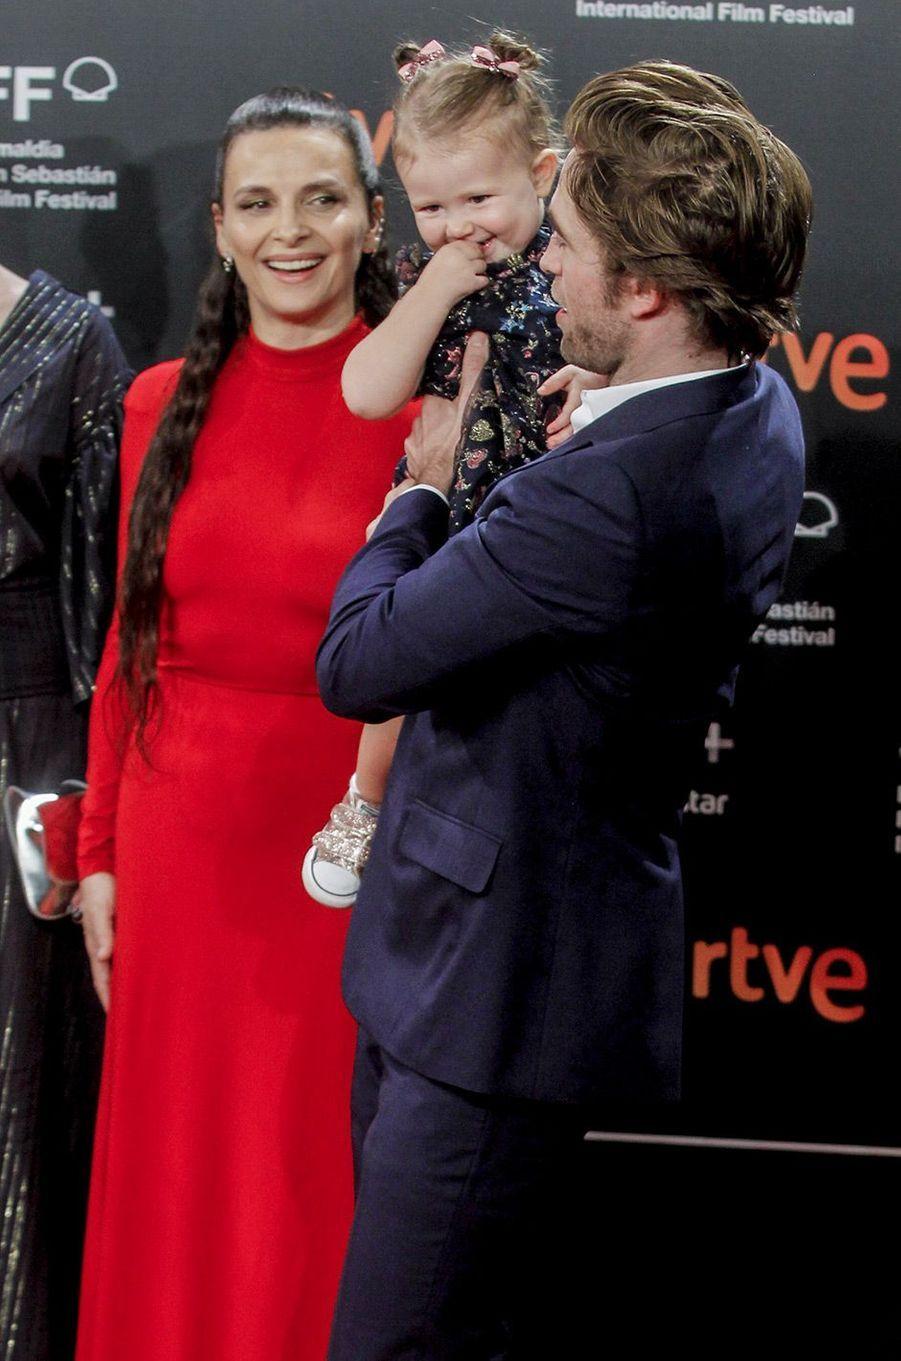 """Robert Pattinson et Juliette Binoche présentent """"High Life"""", de Claire Denis, au festival du film de San Sebastian, jeudi 27 septembre"""